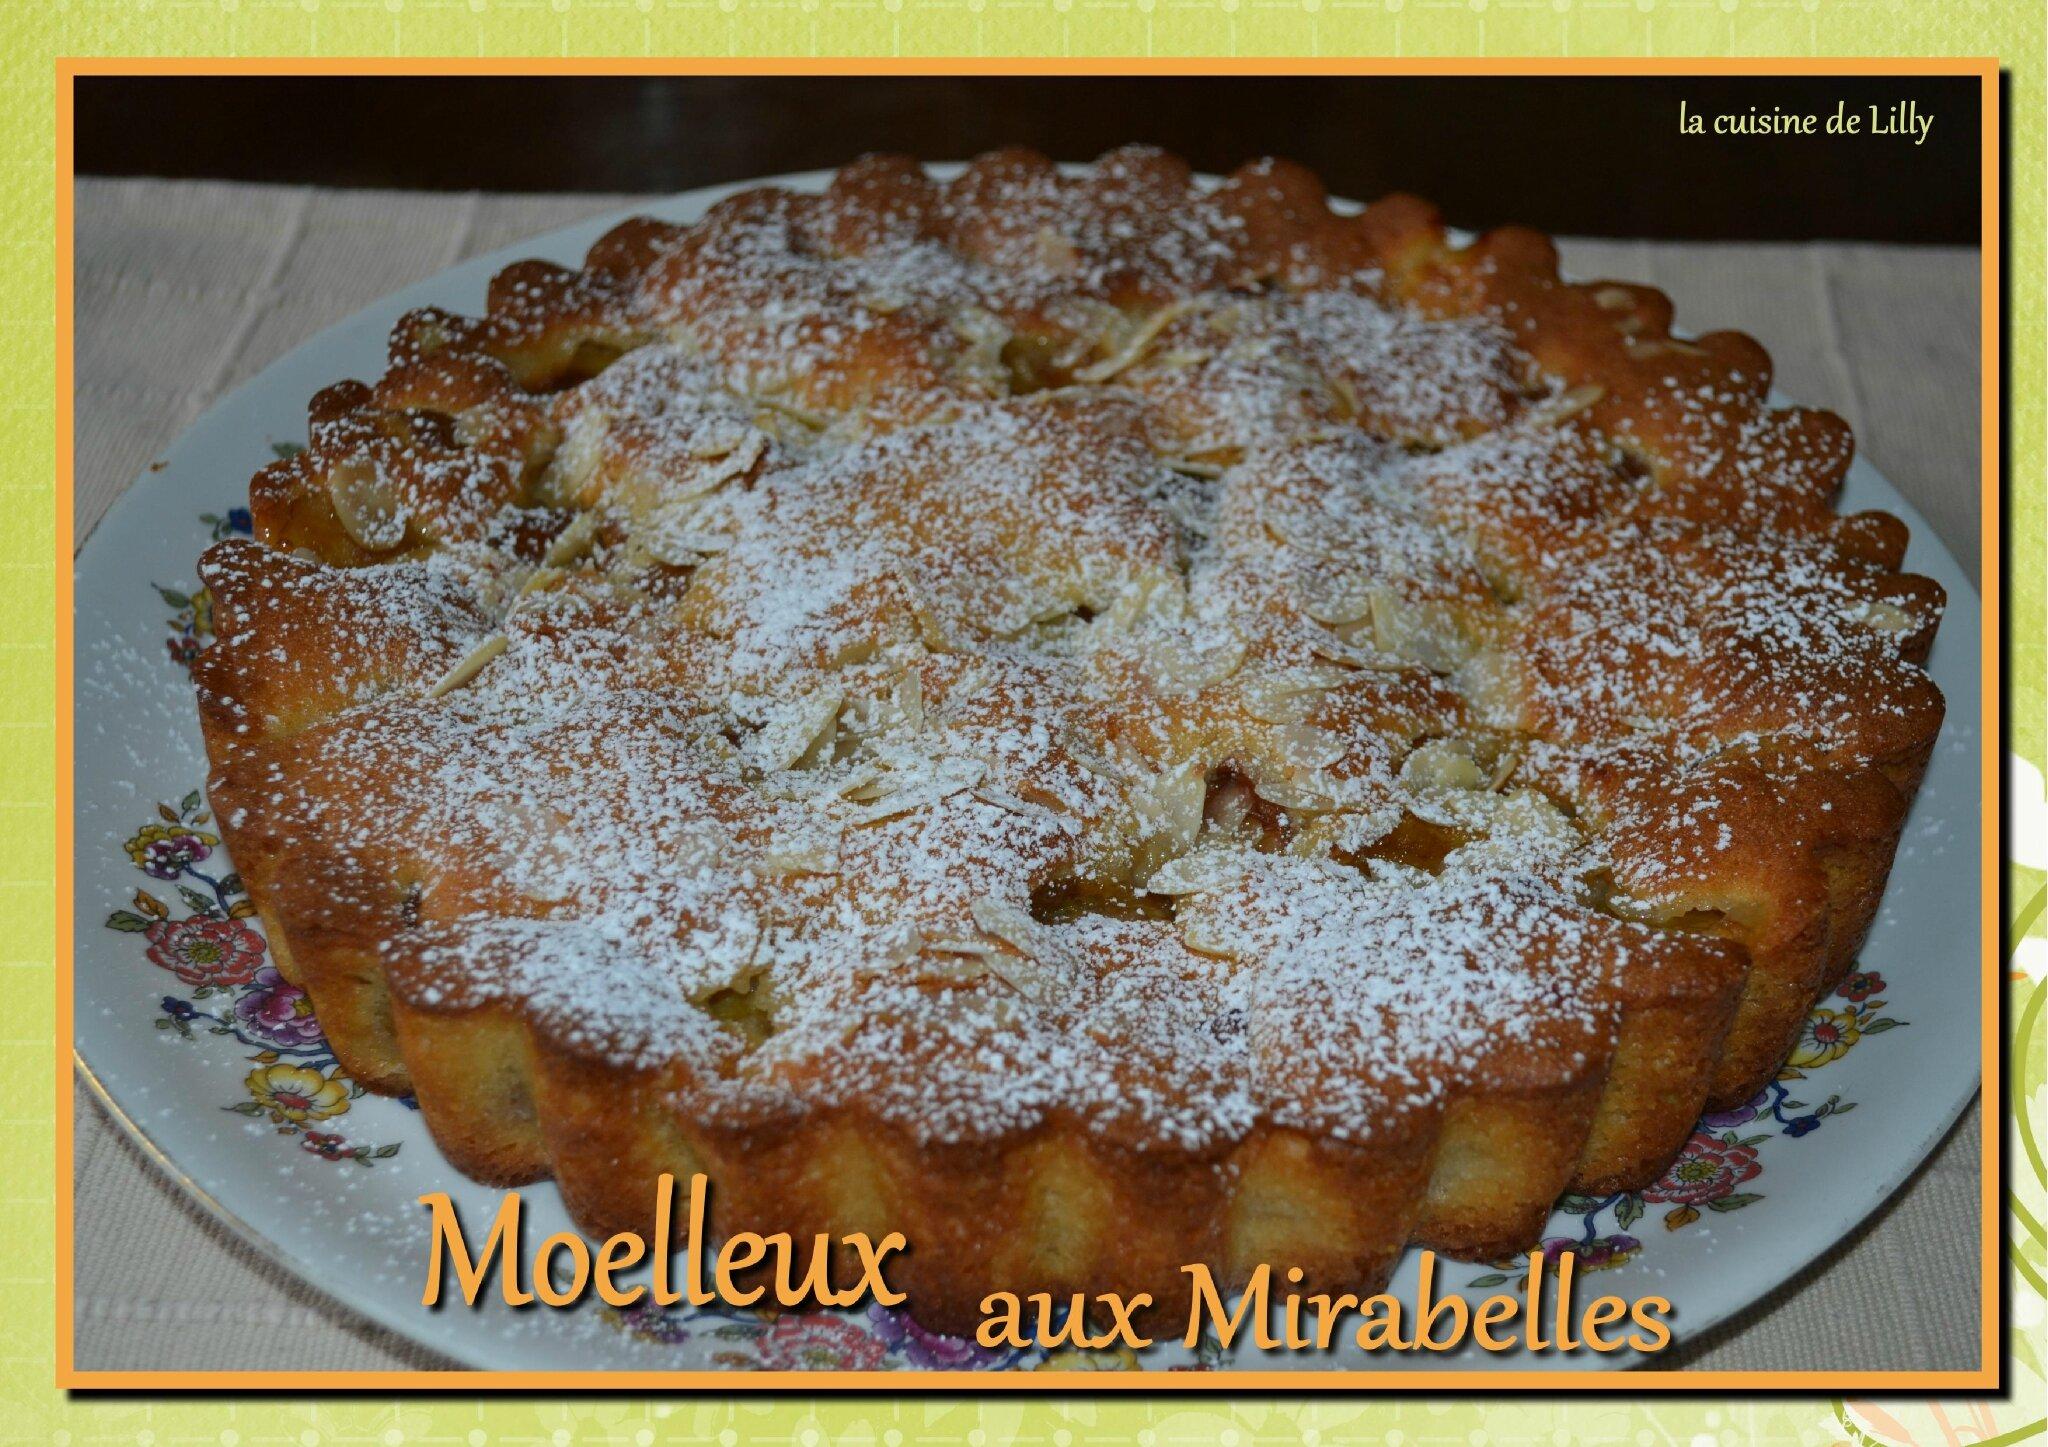 Moelleux aux mirabelles la cuisine de lilly - Recette avec des mirabelles ...